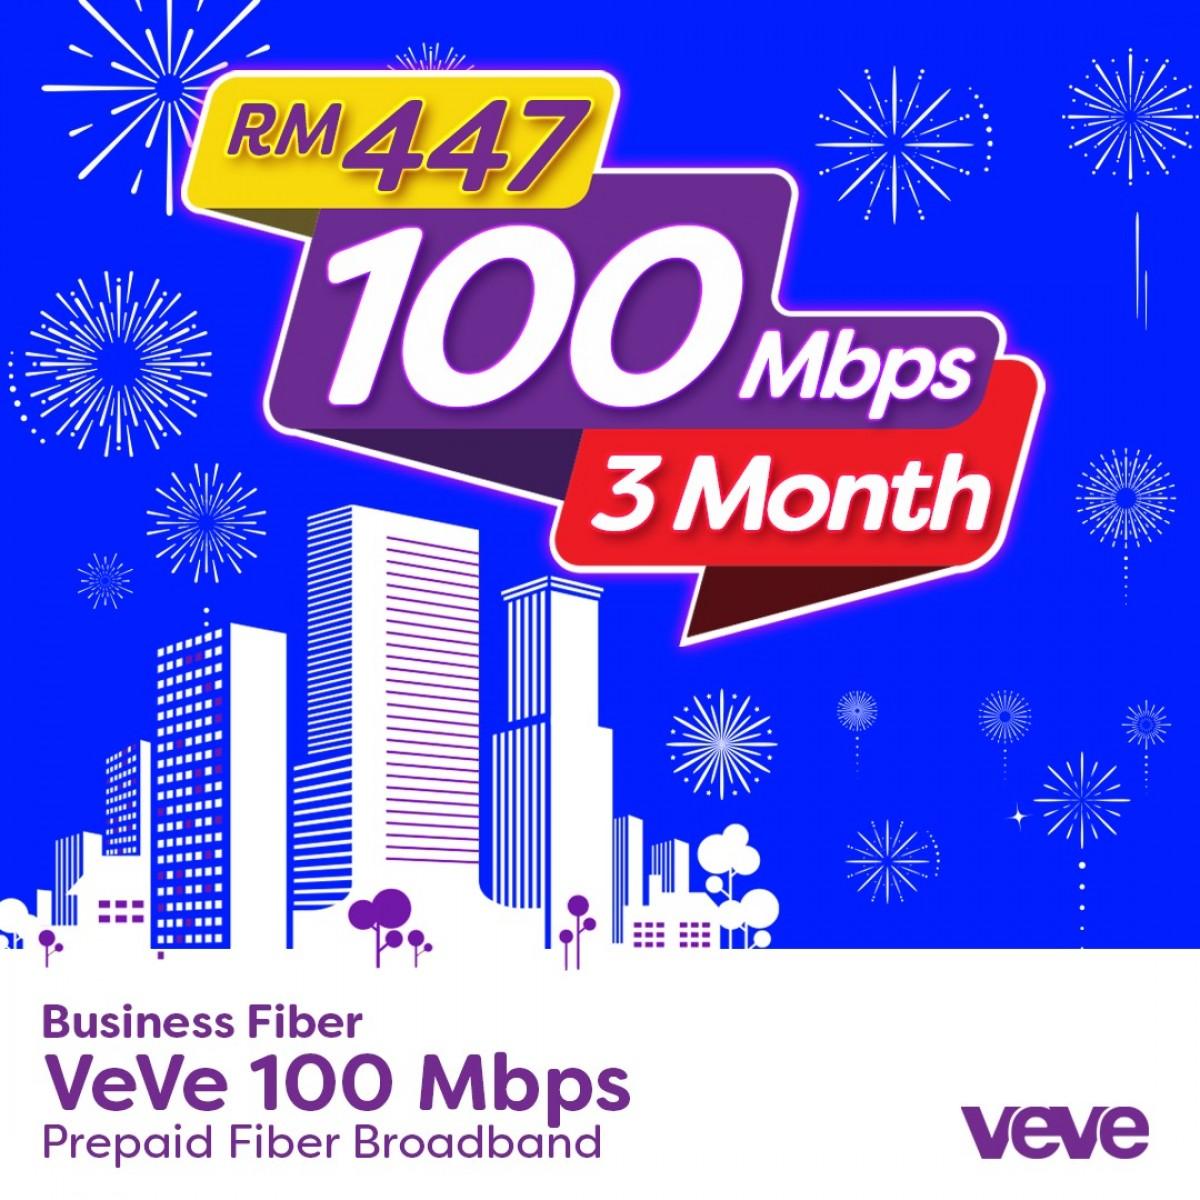 VeVe 100 Mbps Business Fibre (3 Month) - VEVE